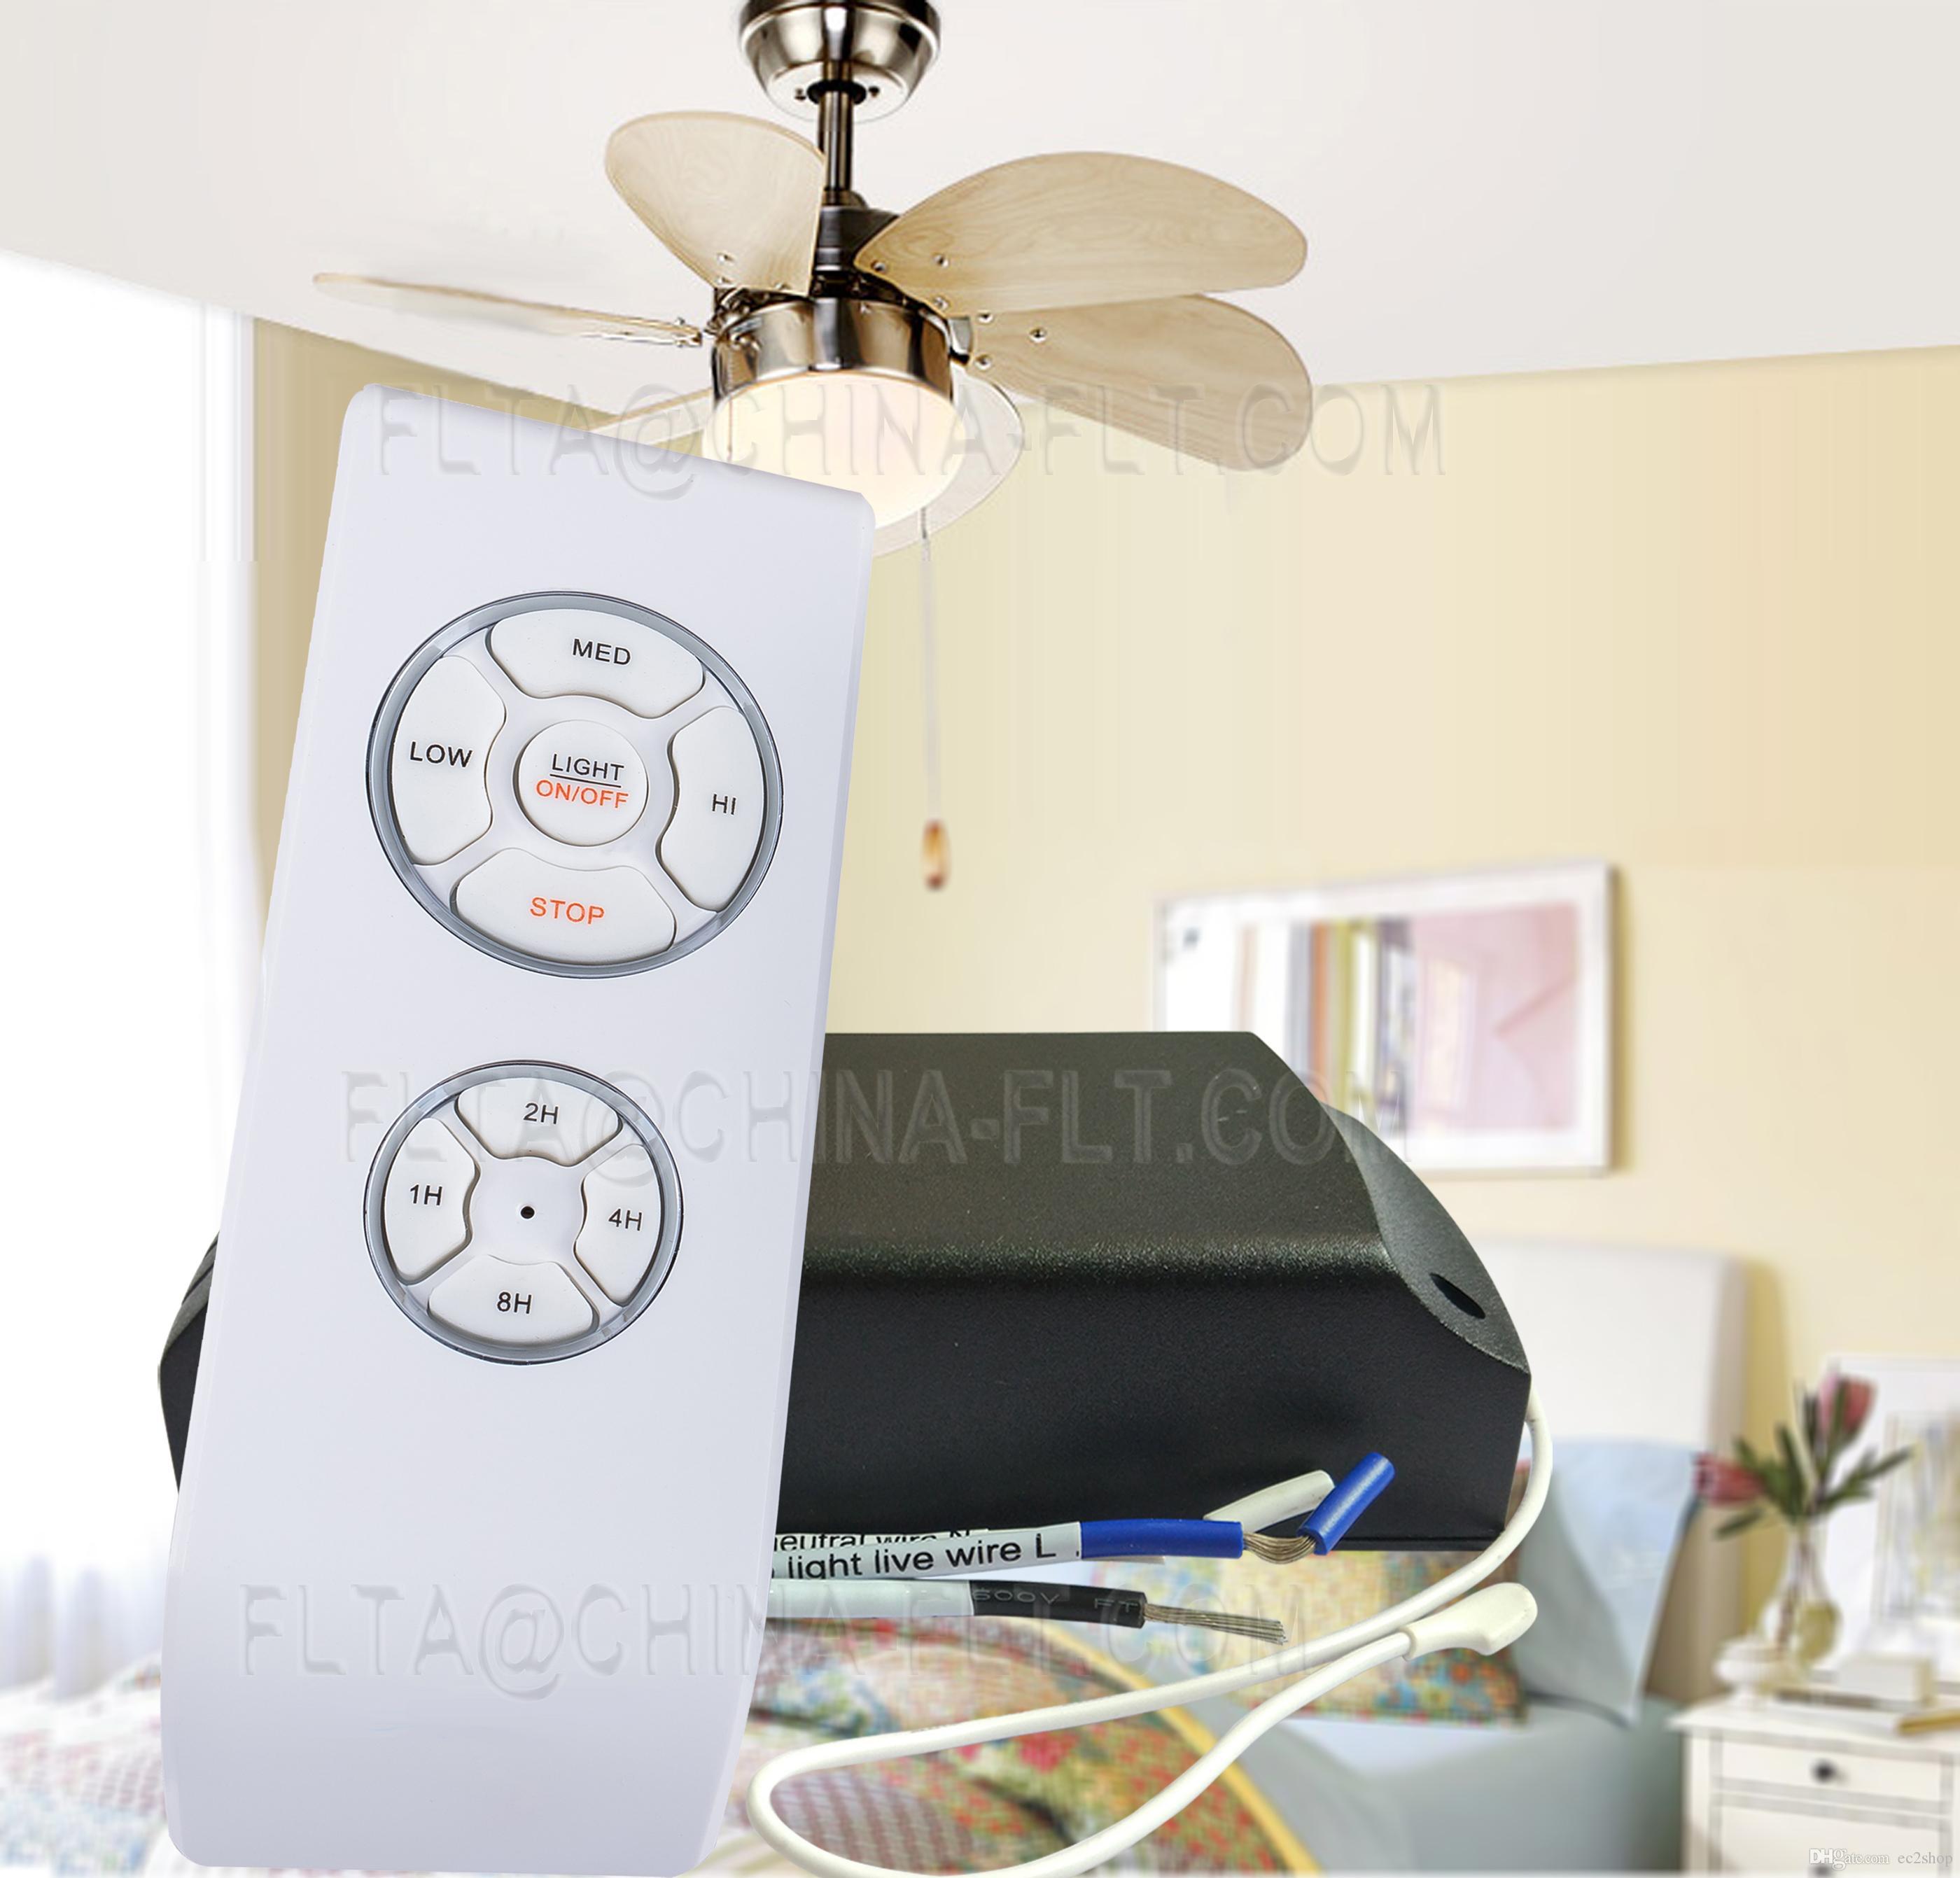 Açık hava fanını satın alıyoruz